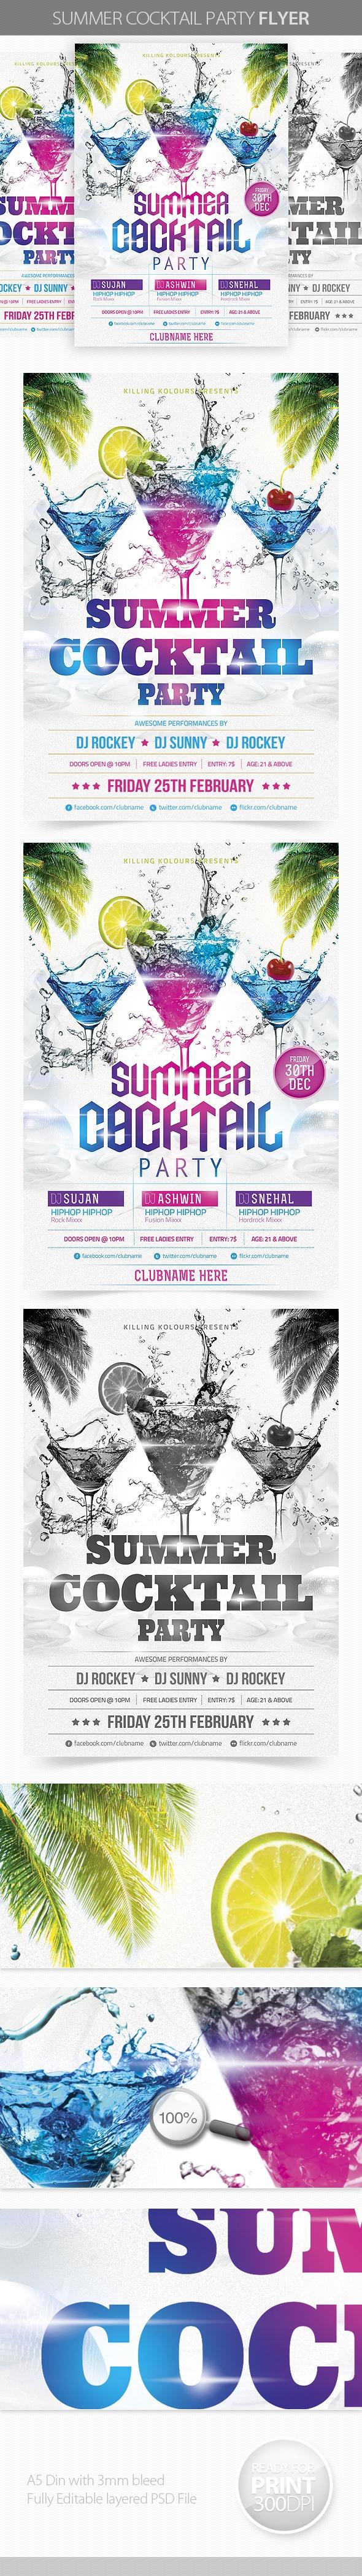 Summer Cocktail Party by Mahantesh Nagashetty, via Behance